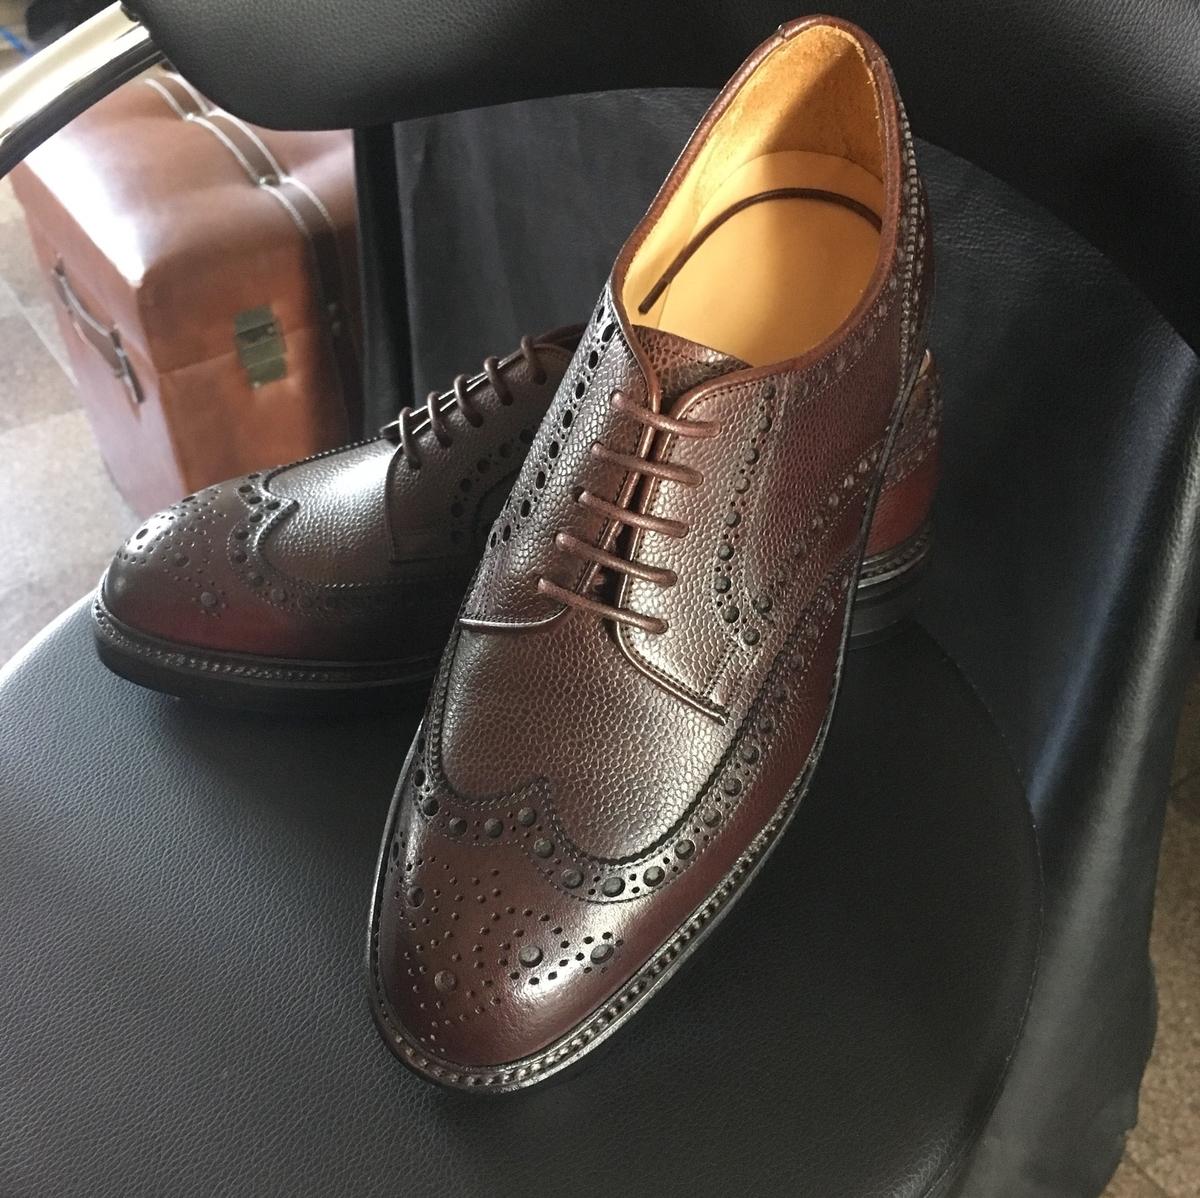 f:id:raymar-shoes:20190917214946j:plain